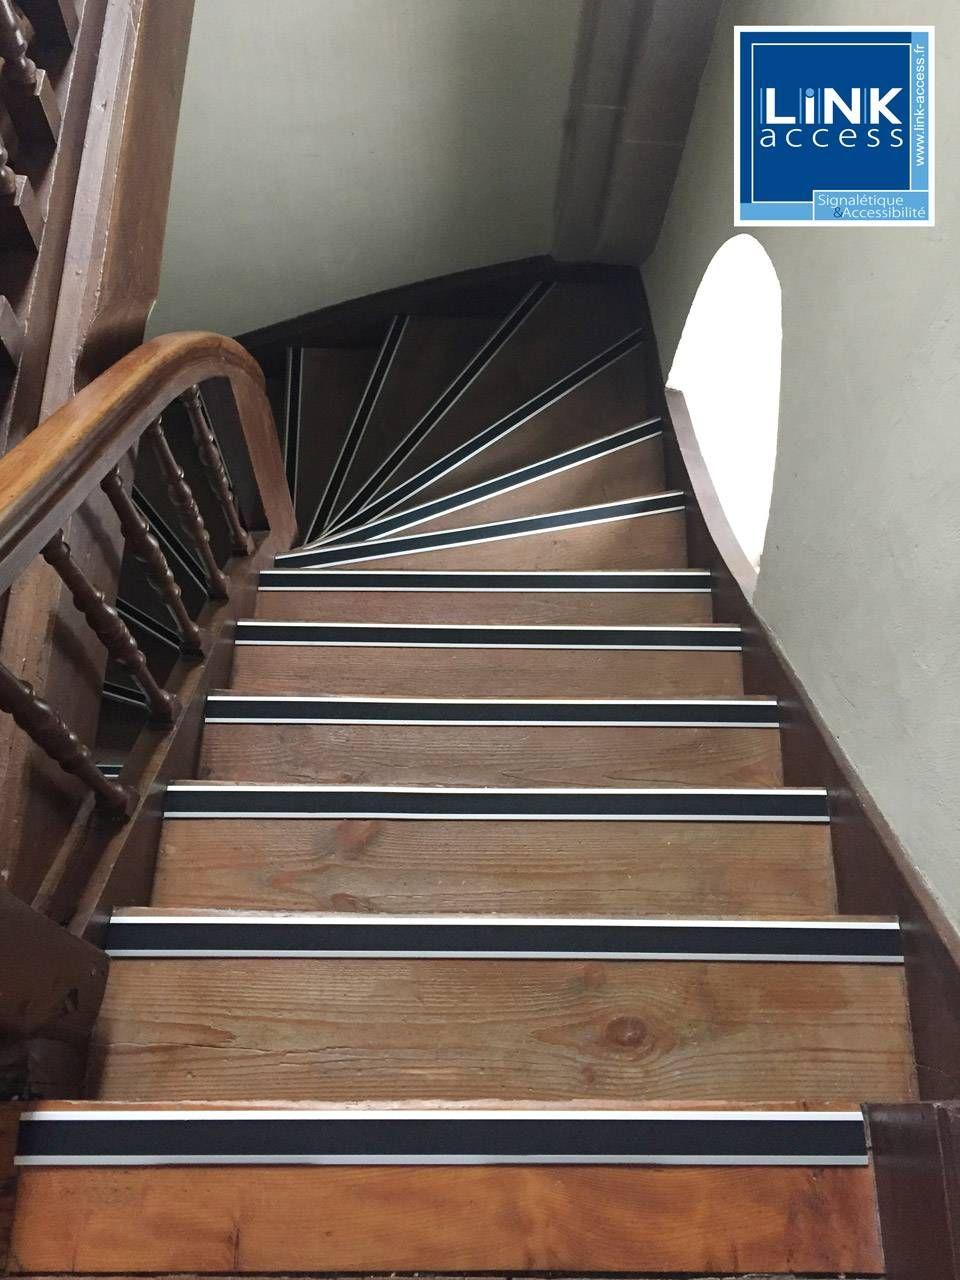 Nez De Marche Antidrapant Escalier Leroy Merlin Idees